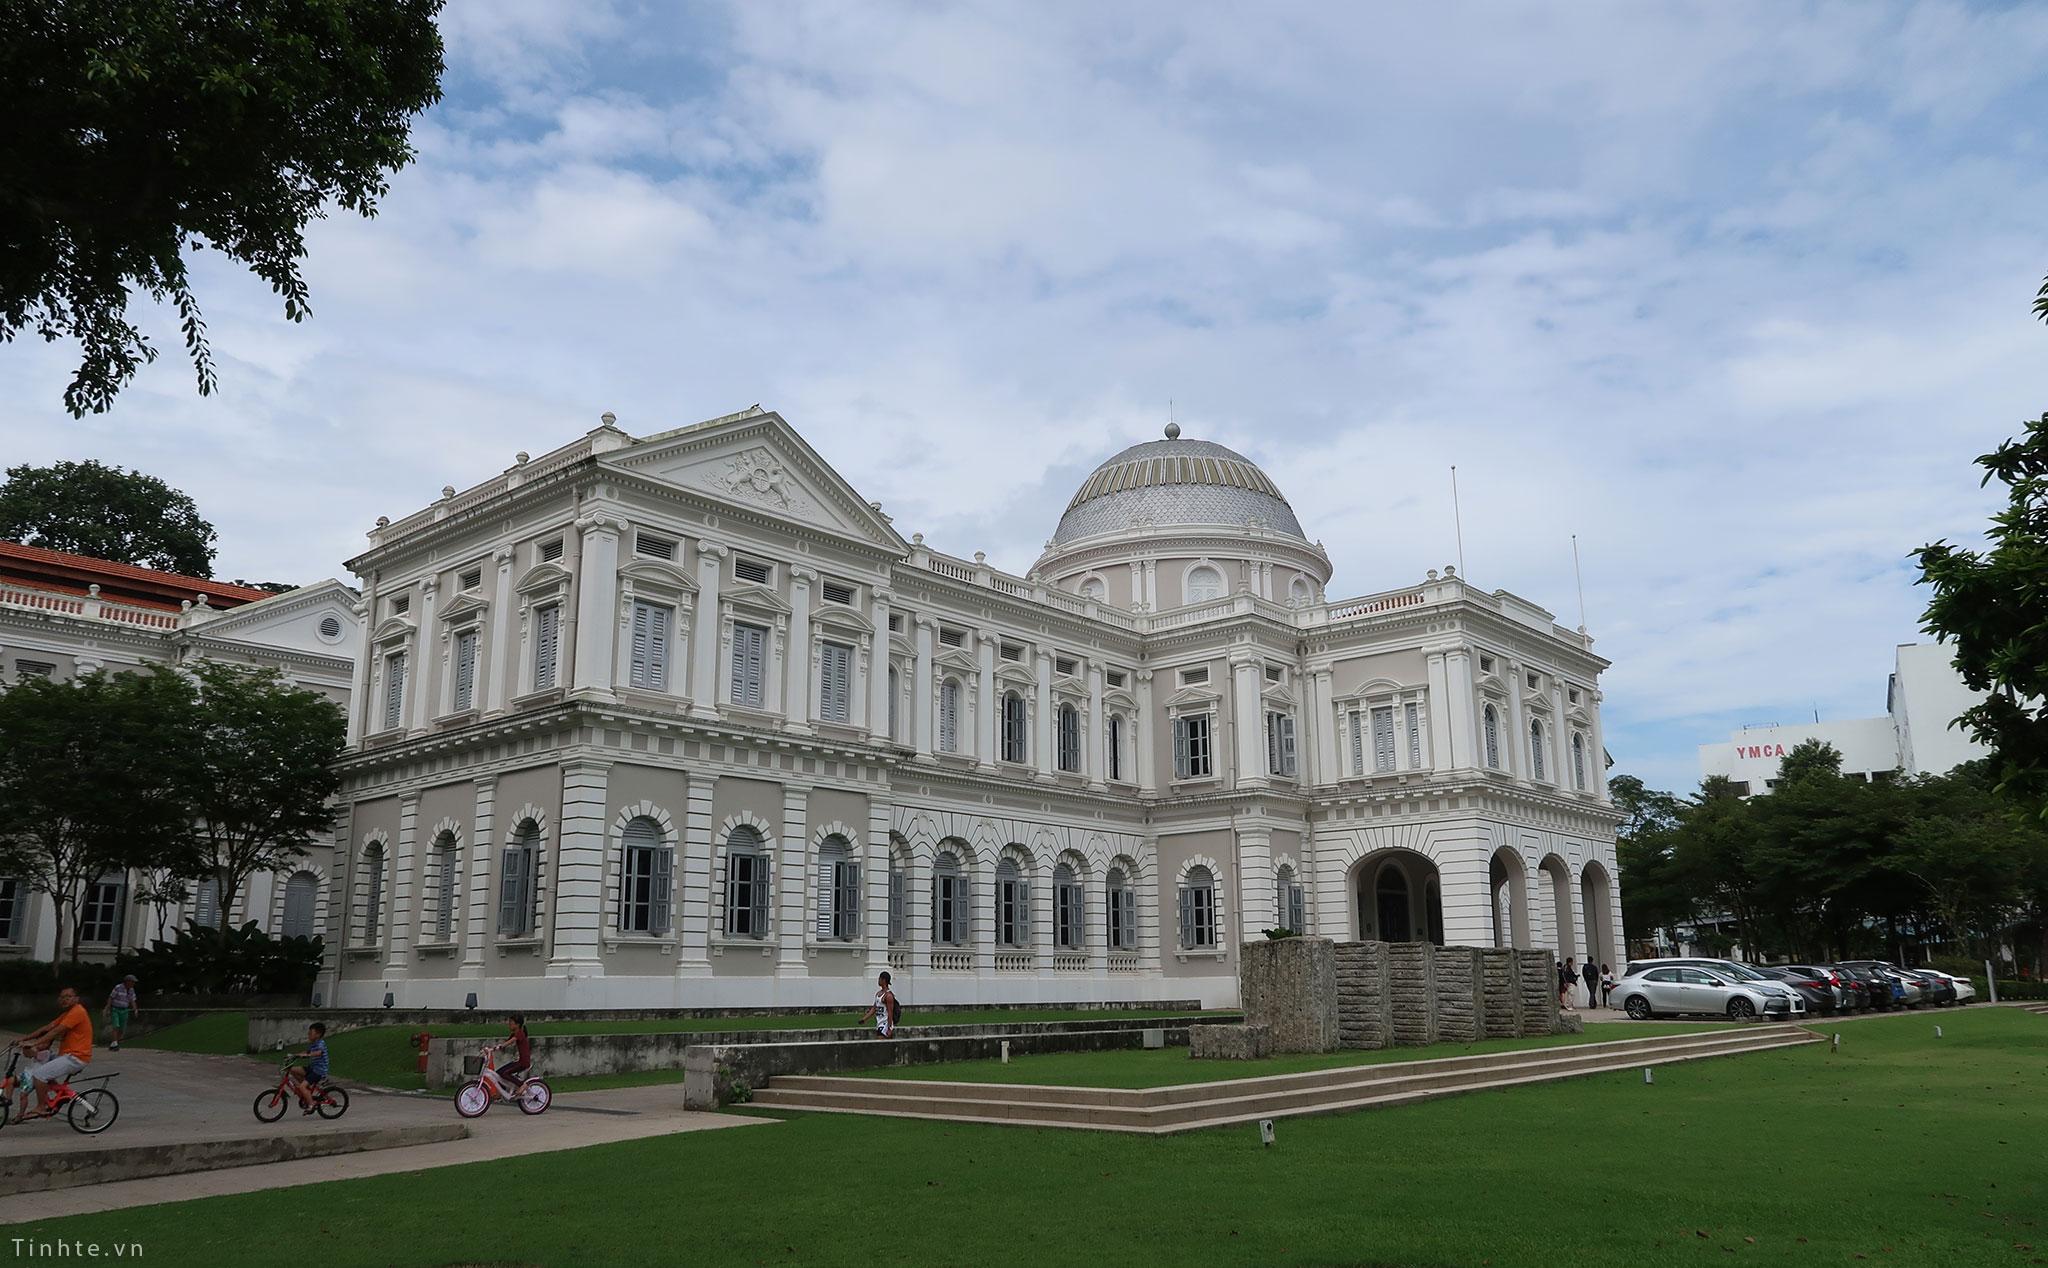 tinhte_bao_tang_quoc_gia_singapore_1.jpg